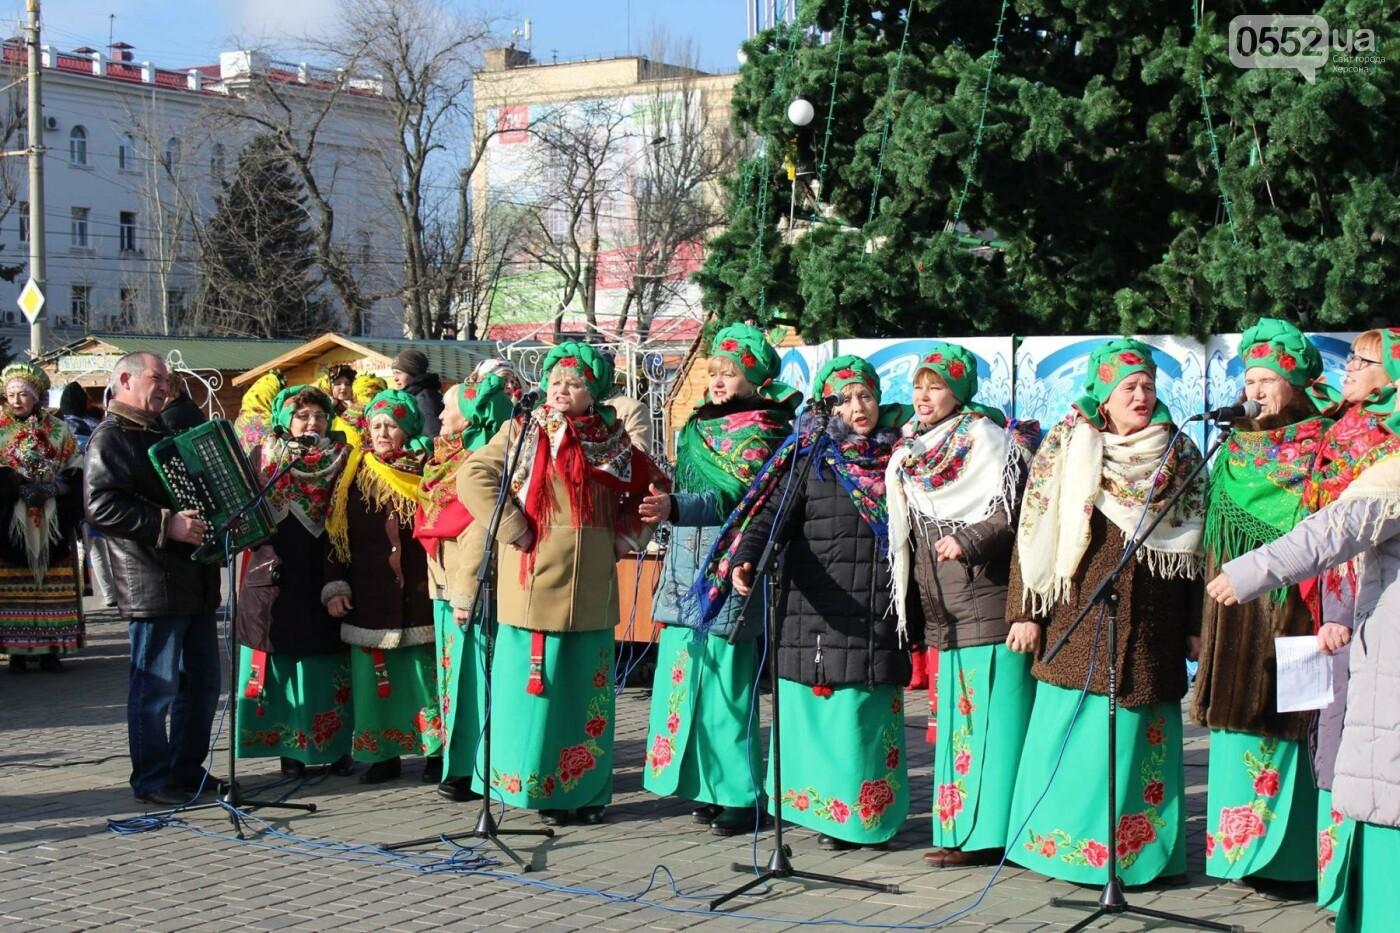 У главной ёлки города херсонцам подарили праздничное настроение, фото-2